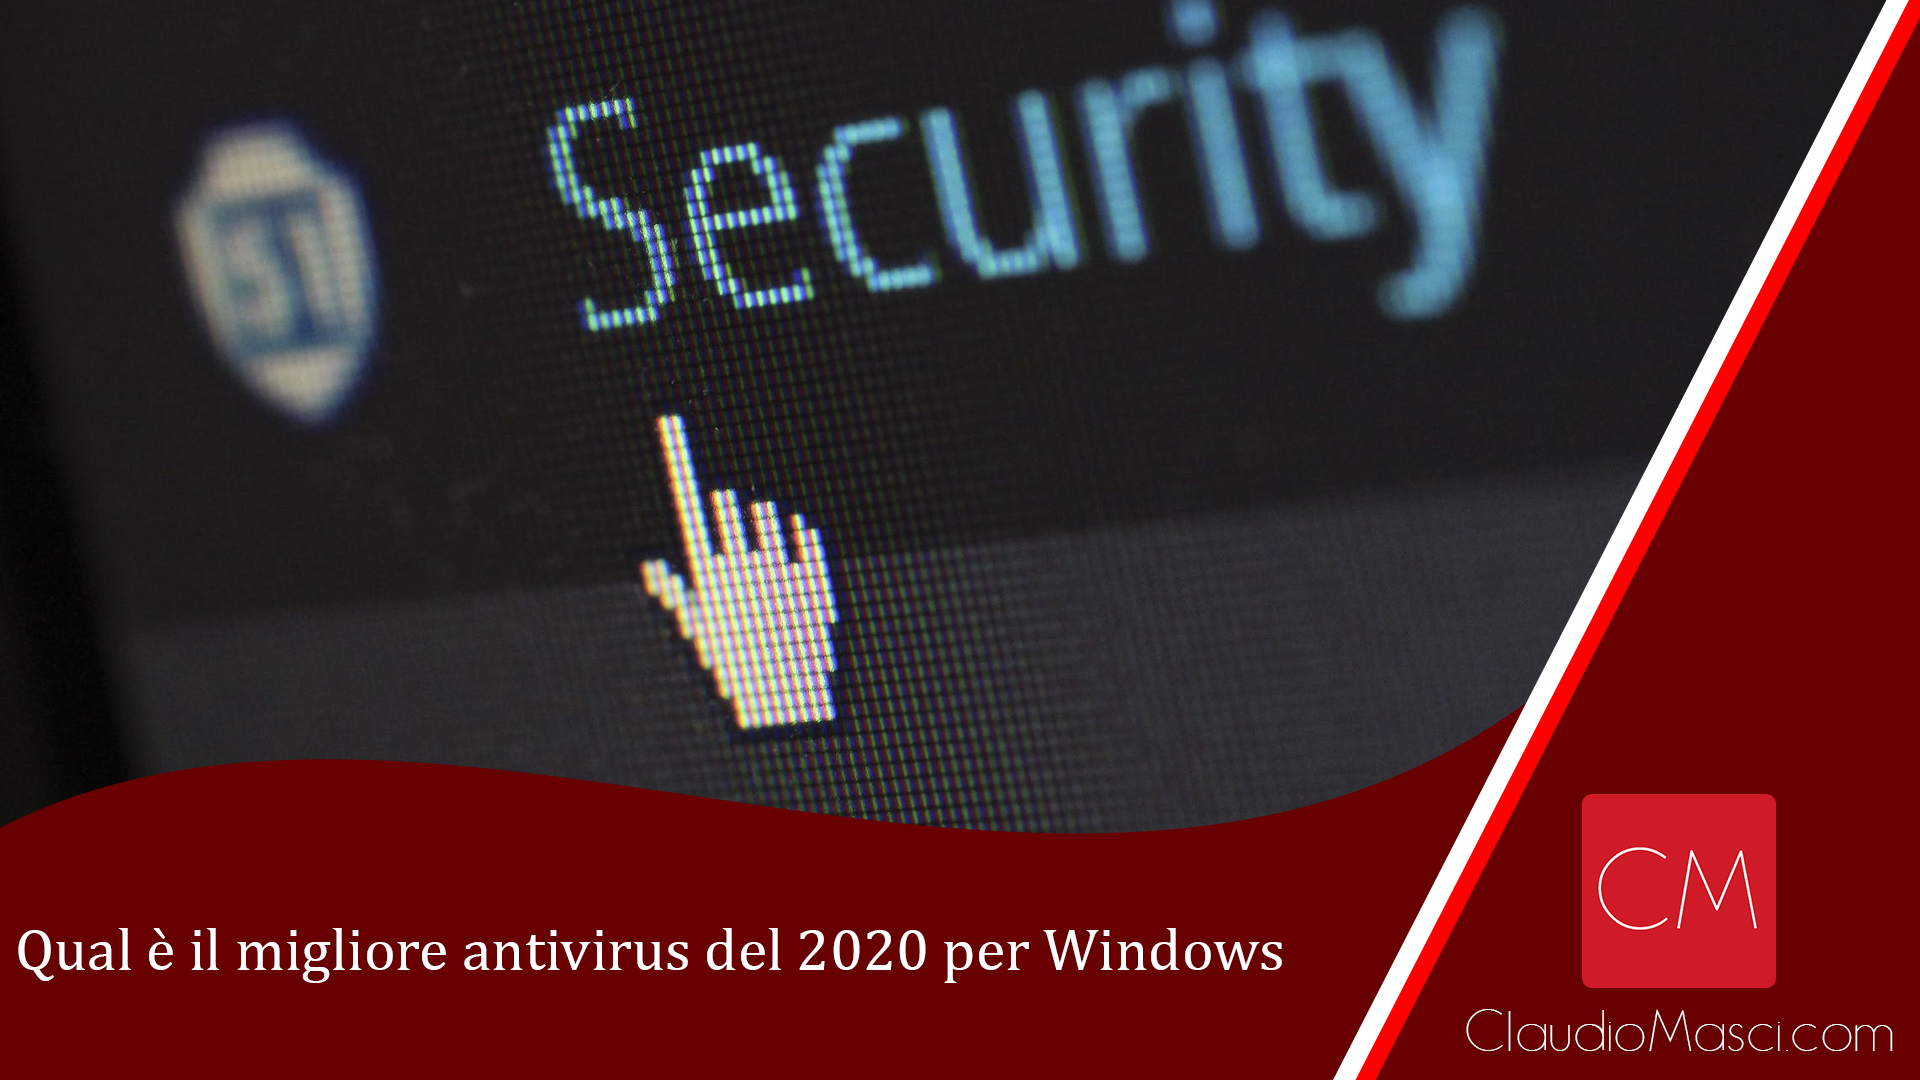 Qual è il migliore antivirus del 2020 per Windows